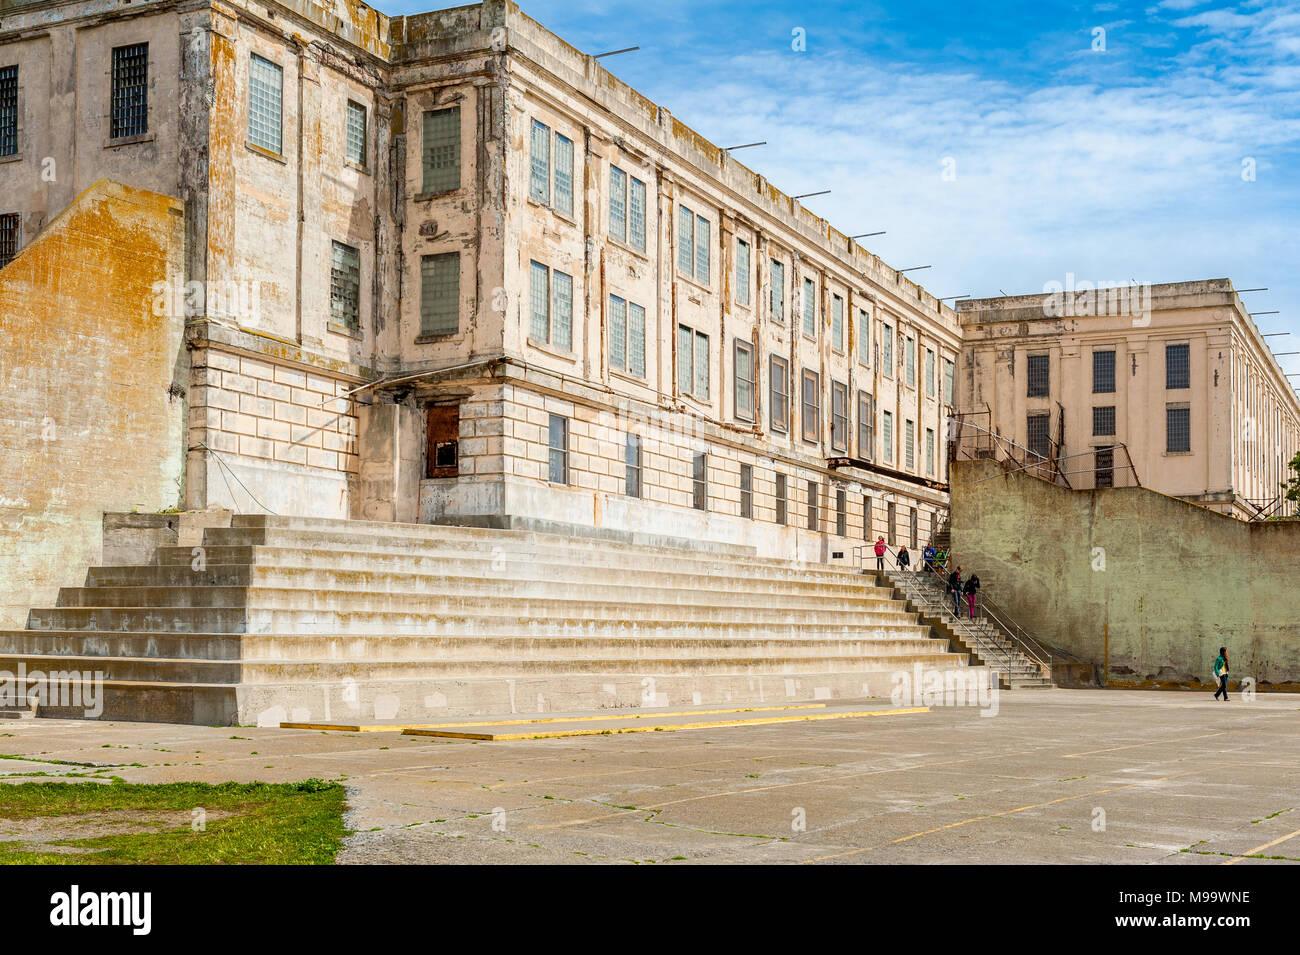 Cellhouse principal de l'ancienne prison fédérale sur l'île d'Alcatraz dans la baie de San Francisco, Californie, USA. Banque D'Images